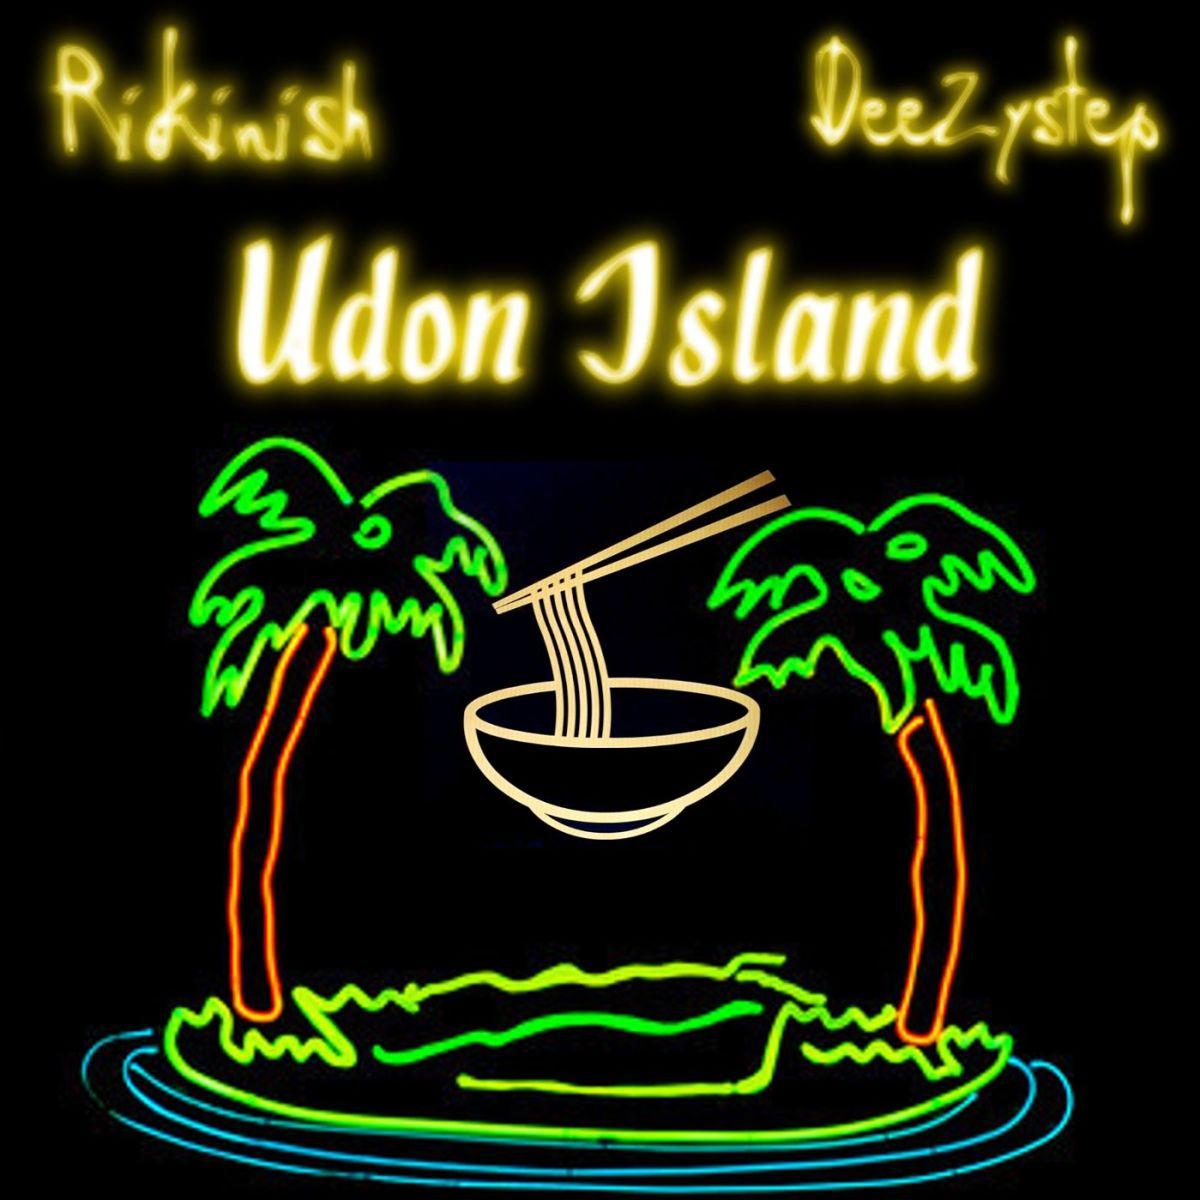 """Rikinish & DeeZystep - """"Udon Island"""""""